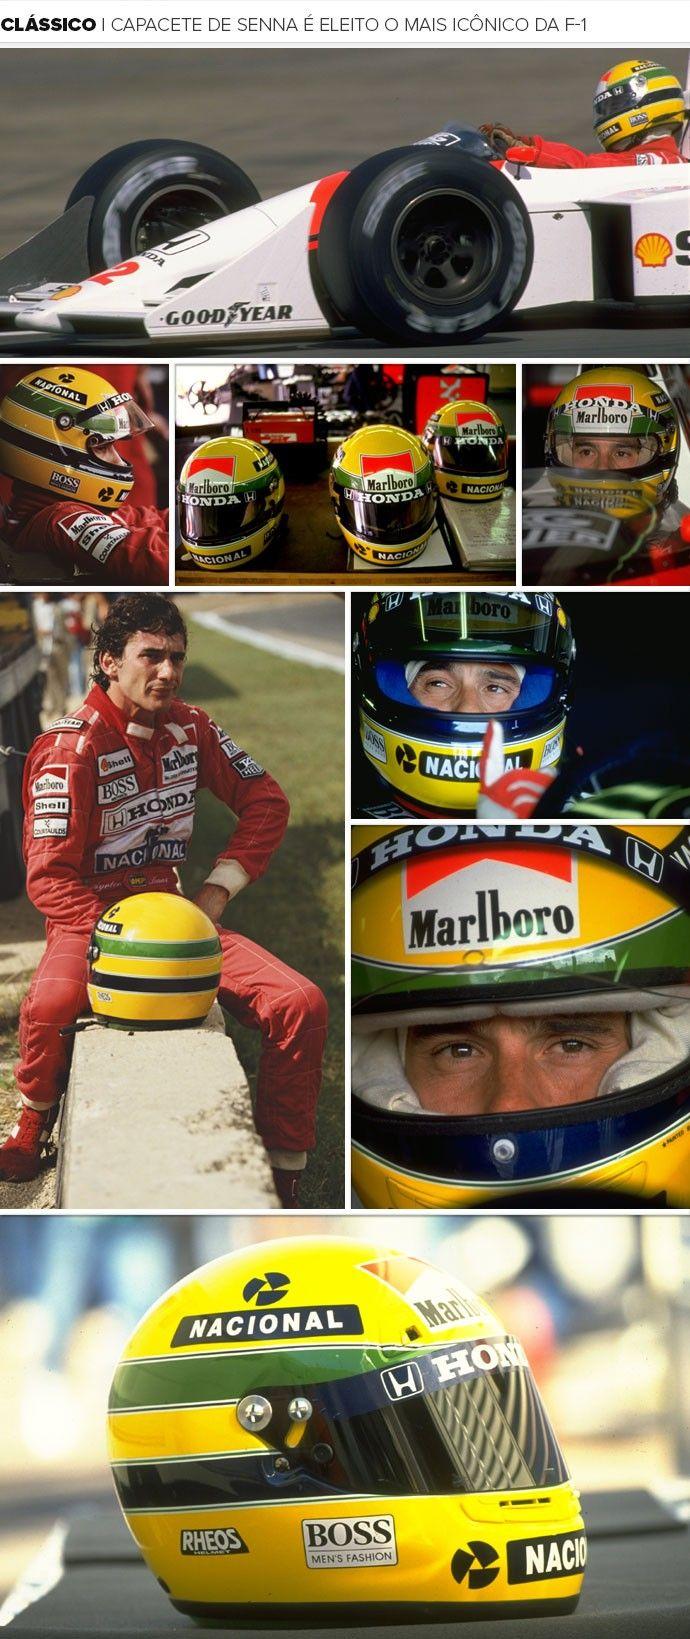 Mosaico Capacete Senna